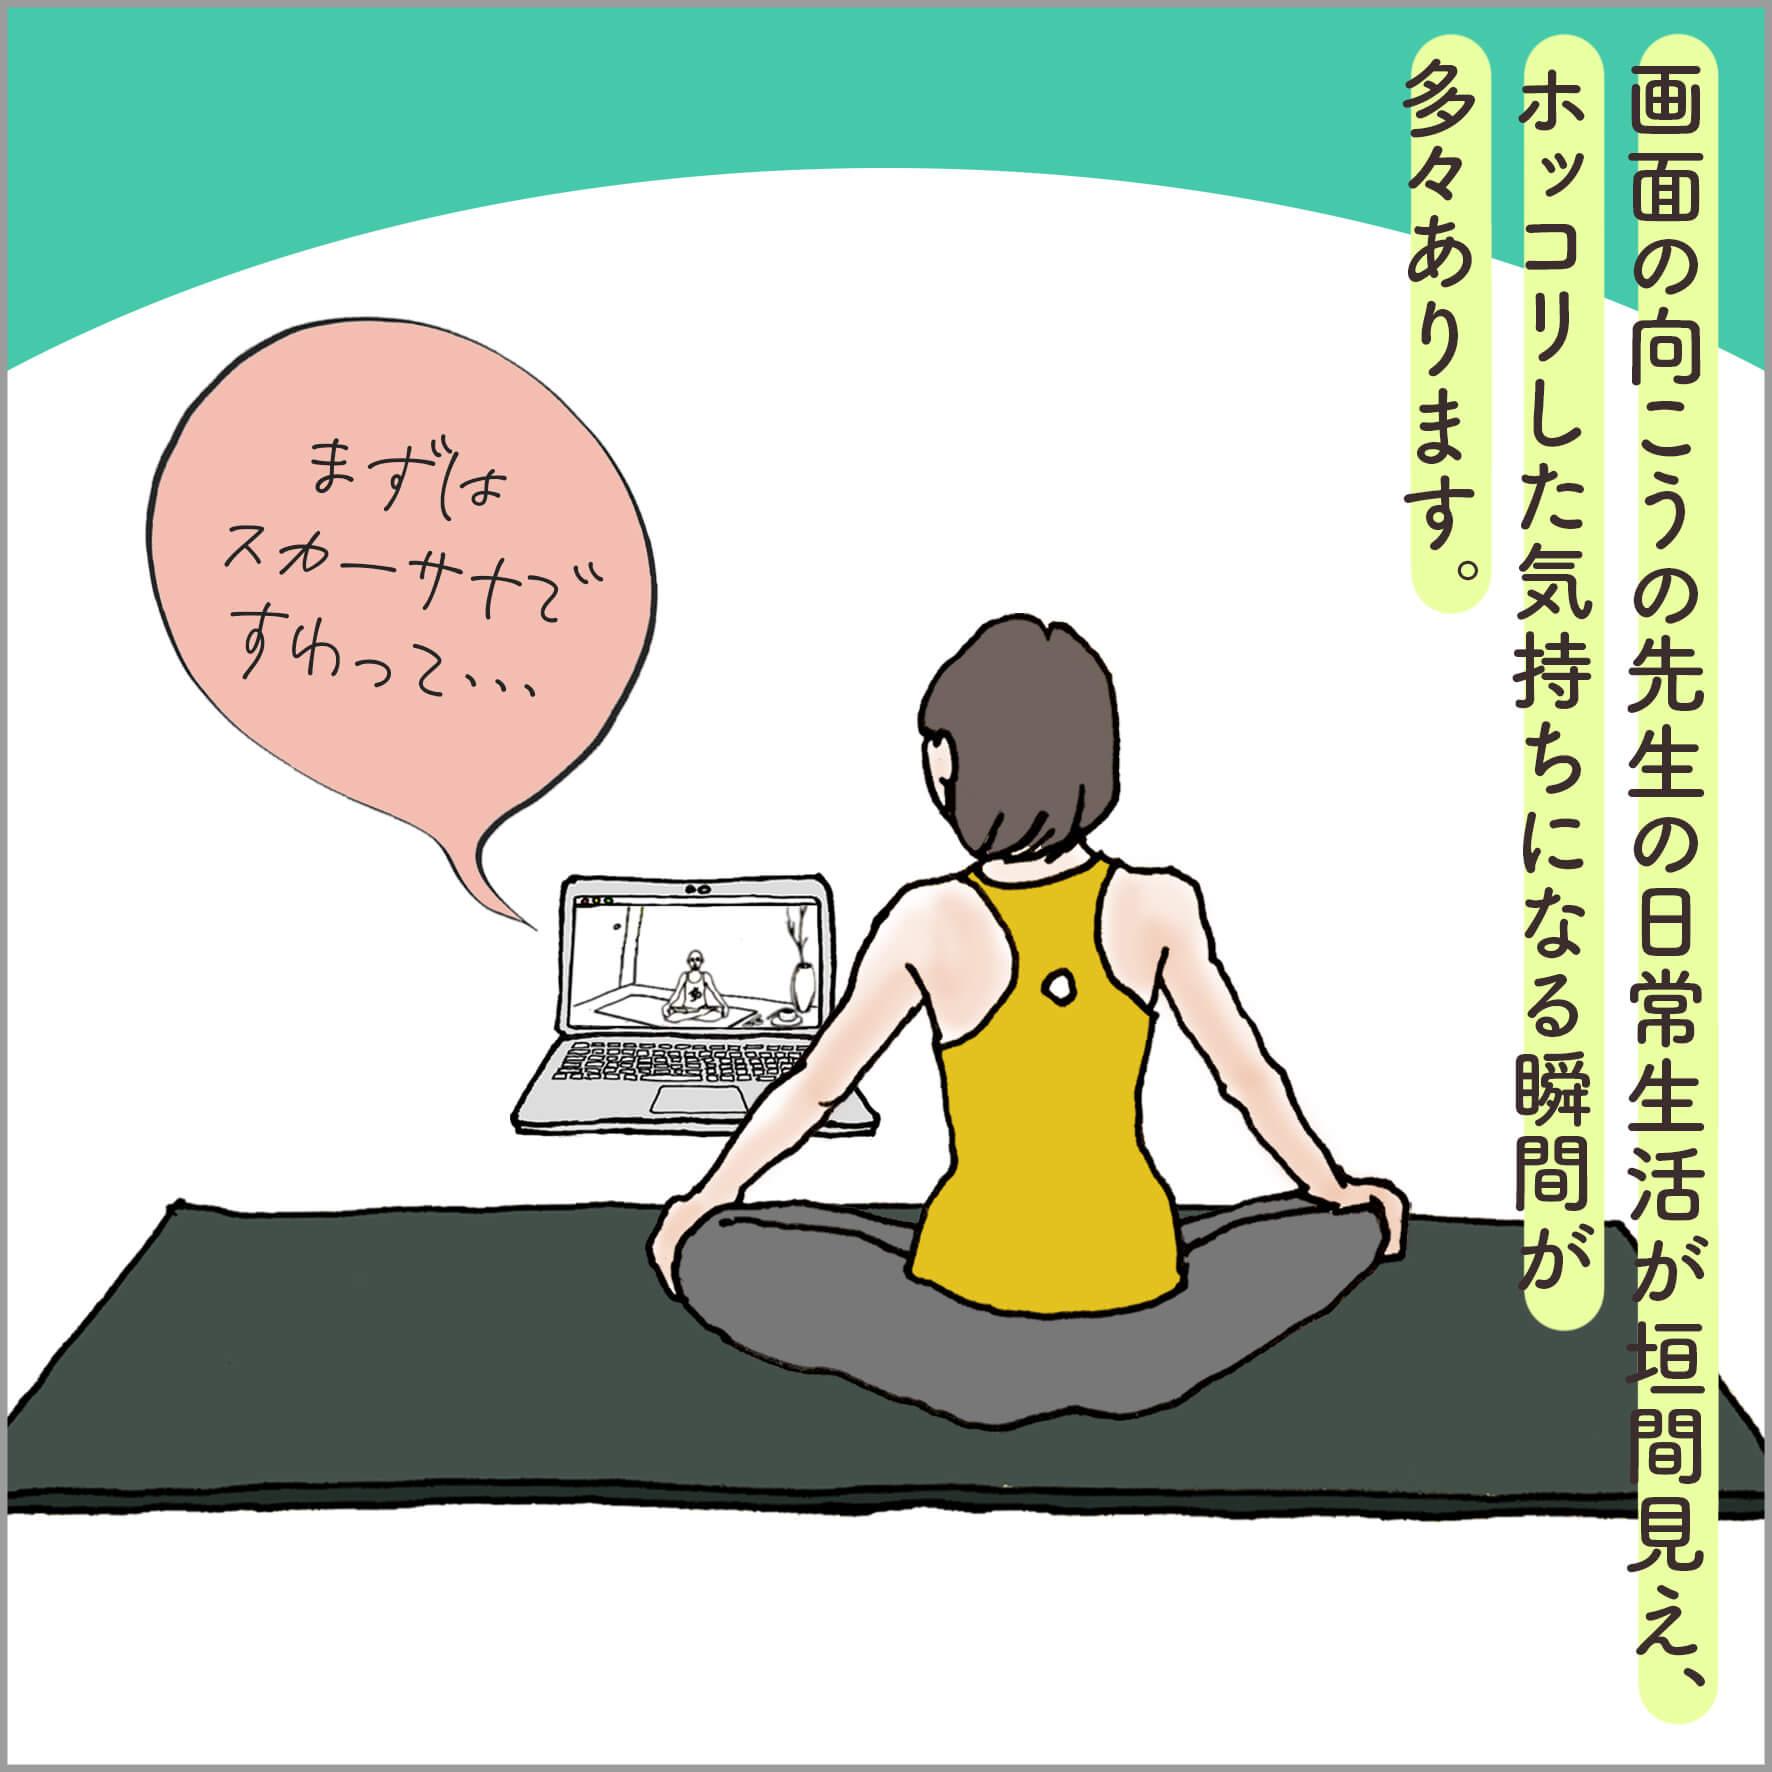 PCの前でオンラインヨガレッスンに参加する主人公